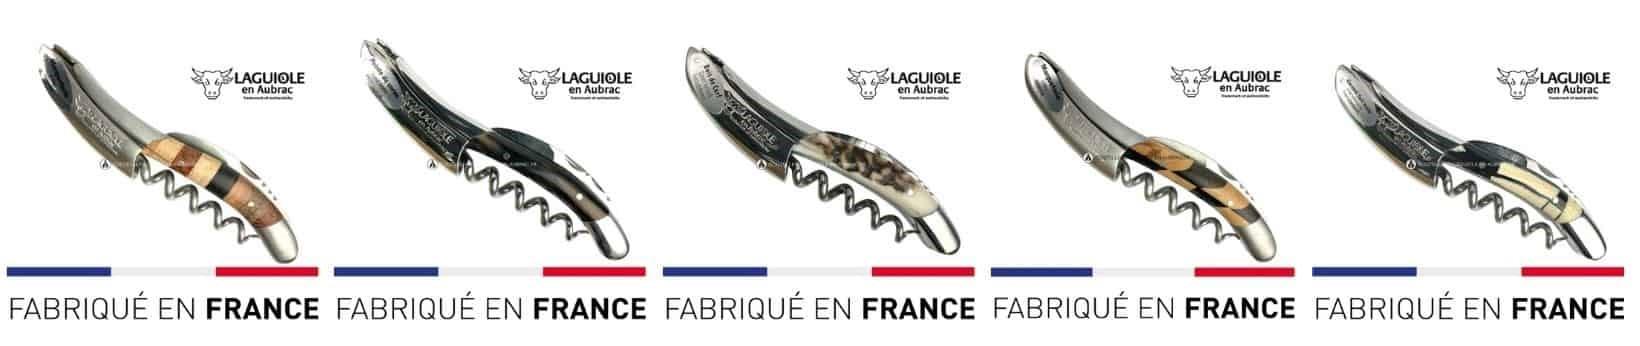 couteau de sommelier laguiole en aubrac